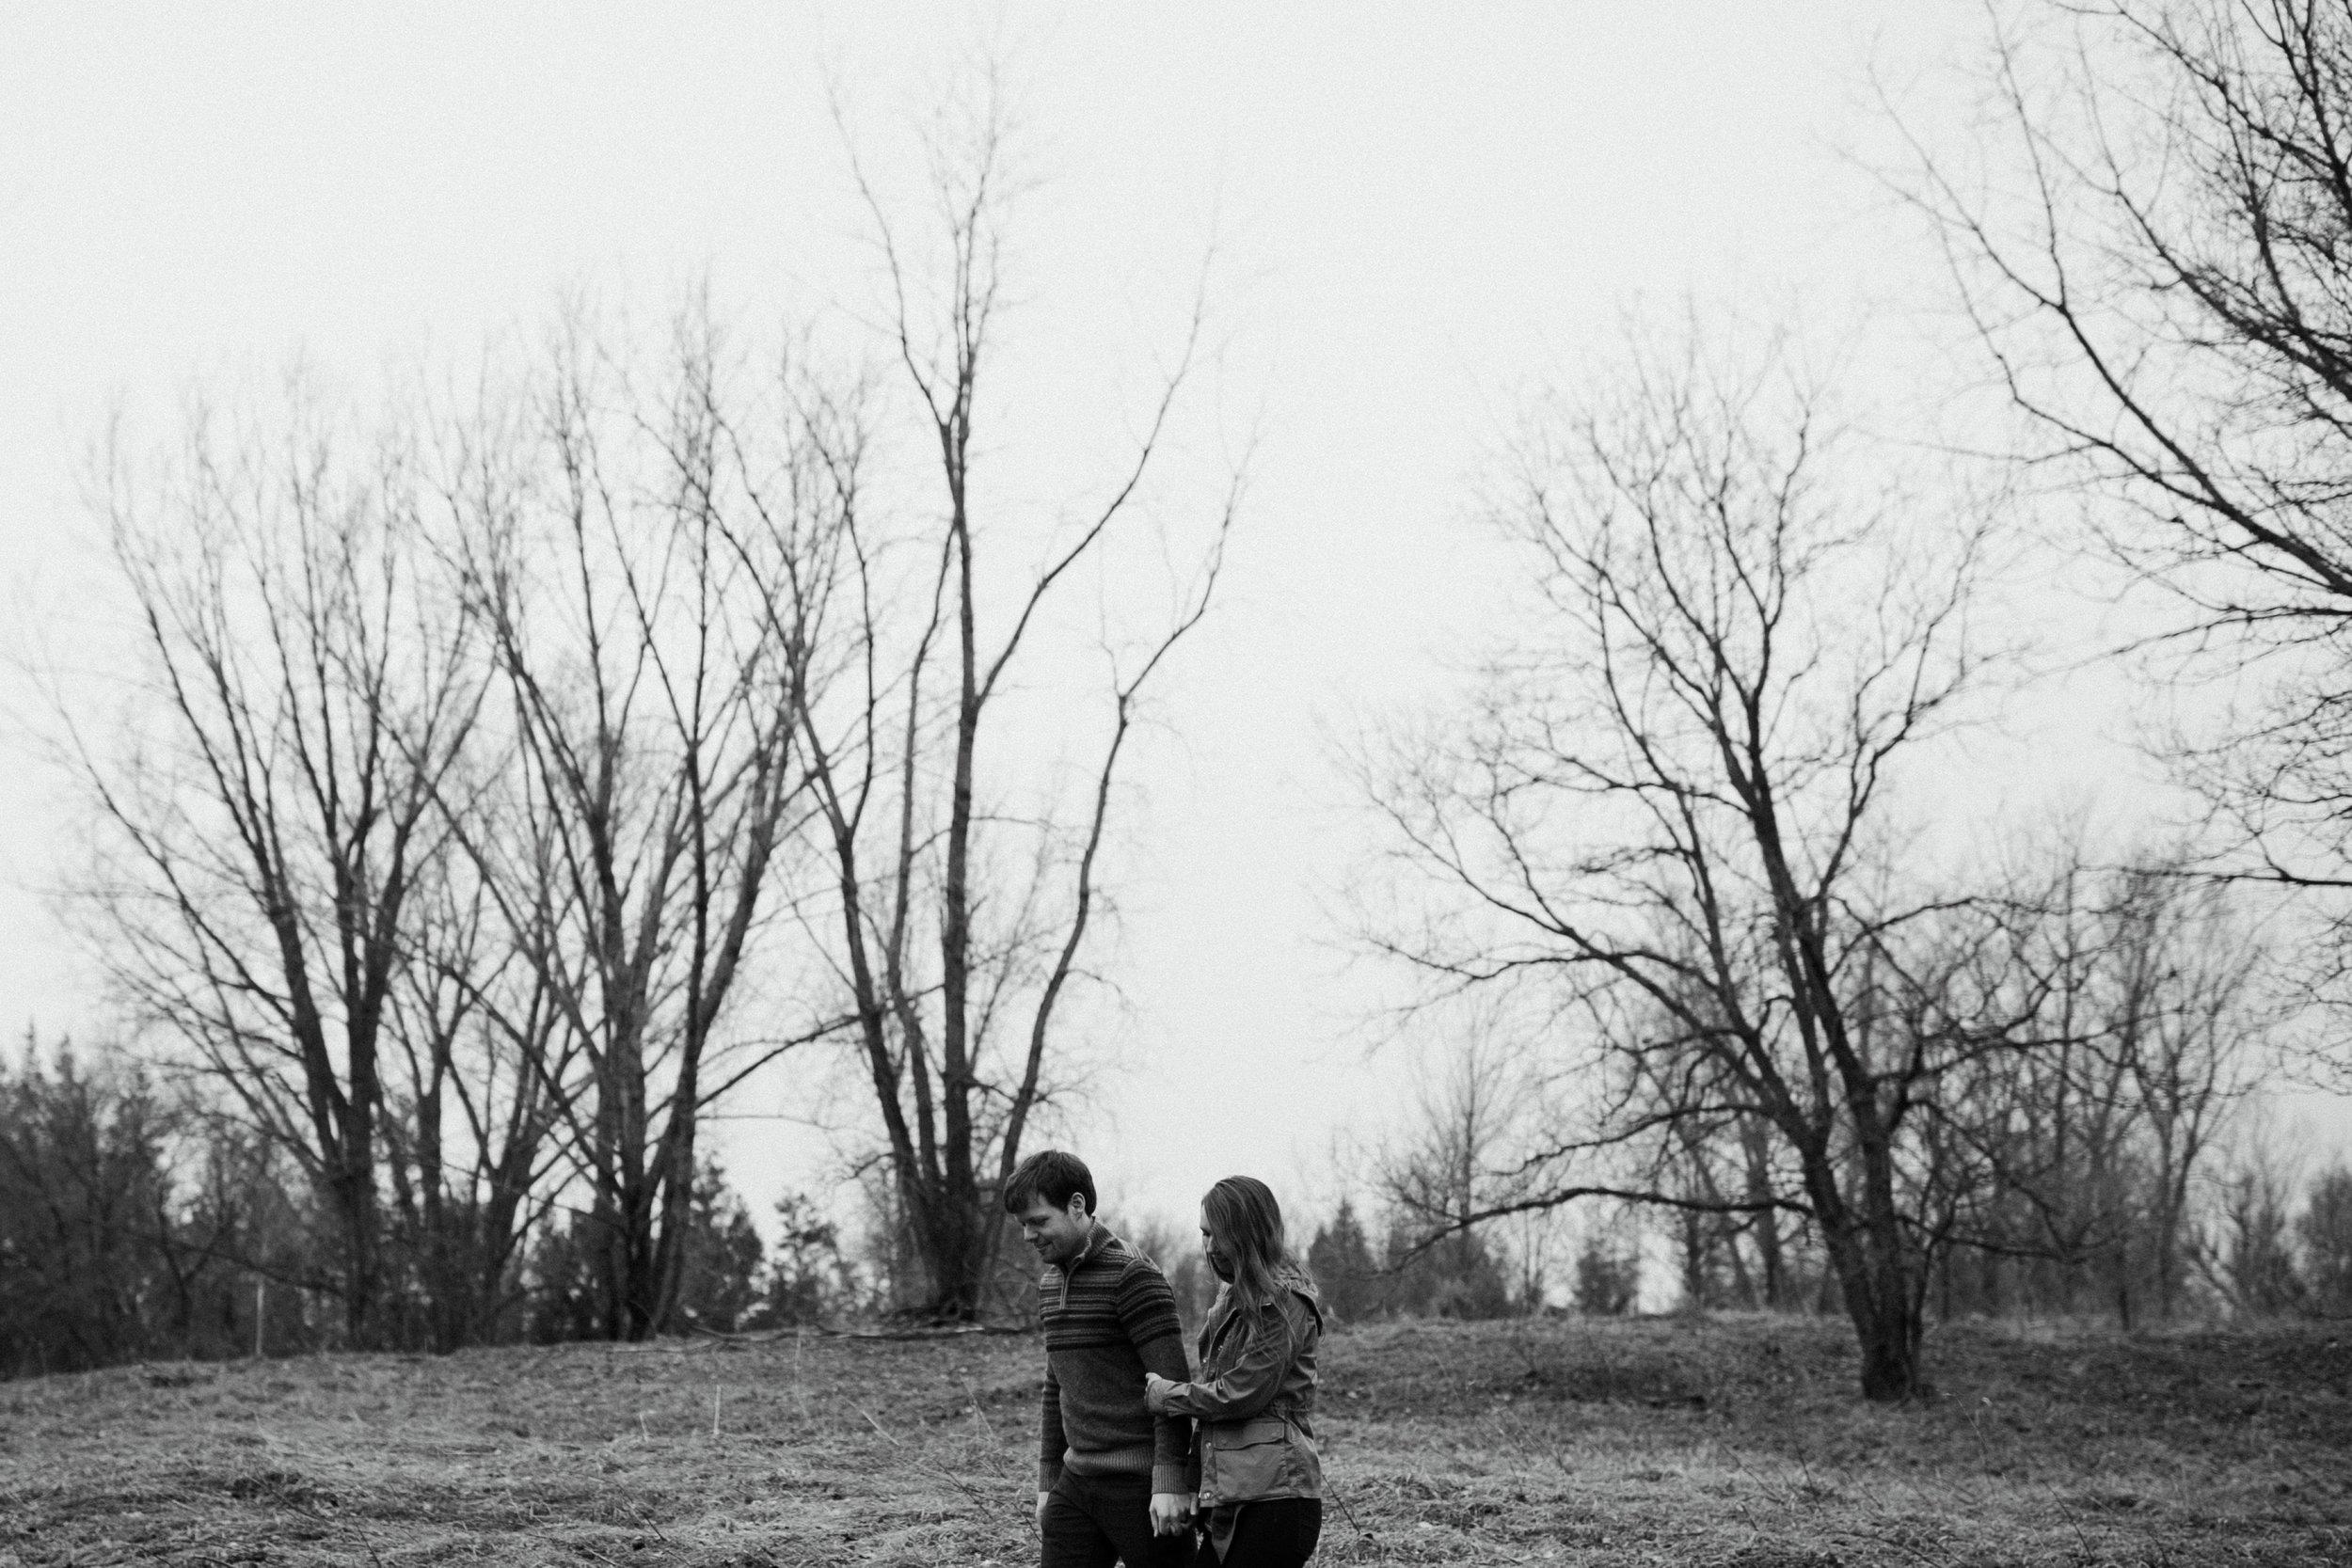 Spring session at the northland arboretum in Brainerd Minnesota captured by Britt DeZeeuw